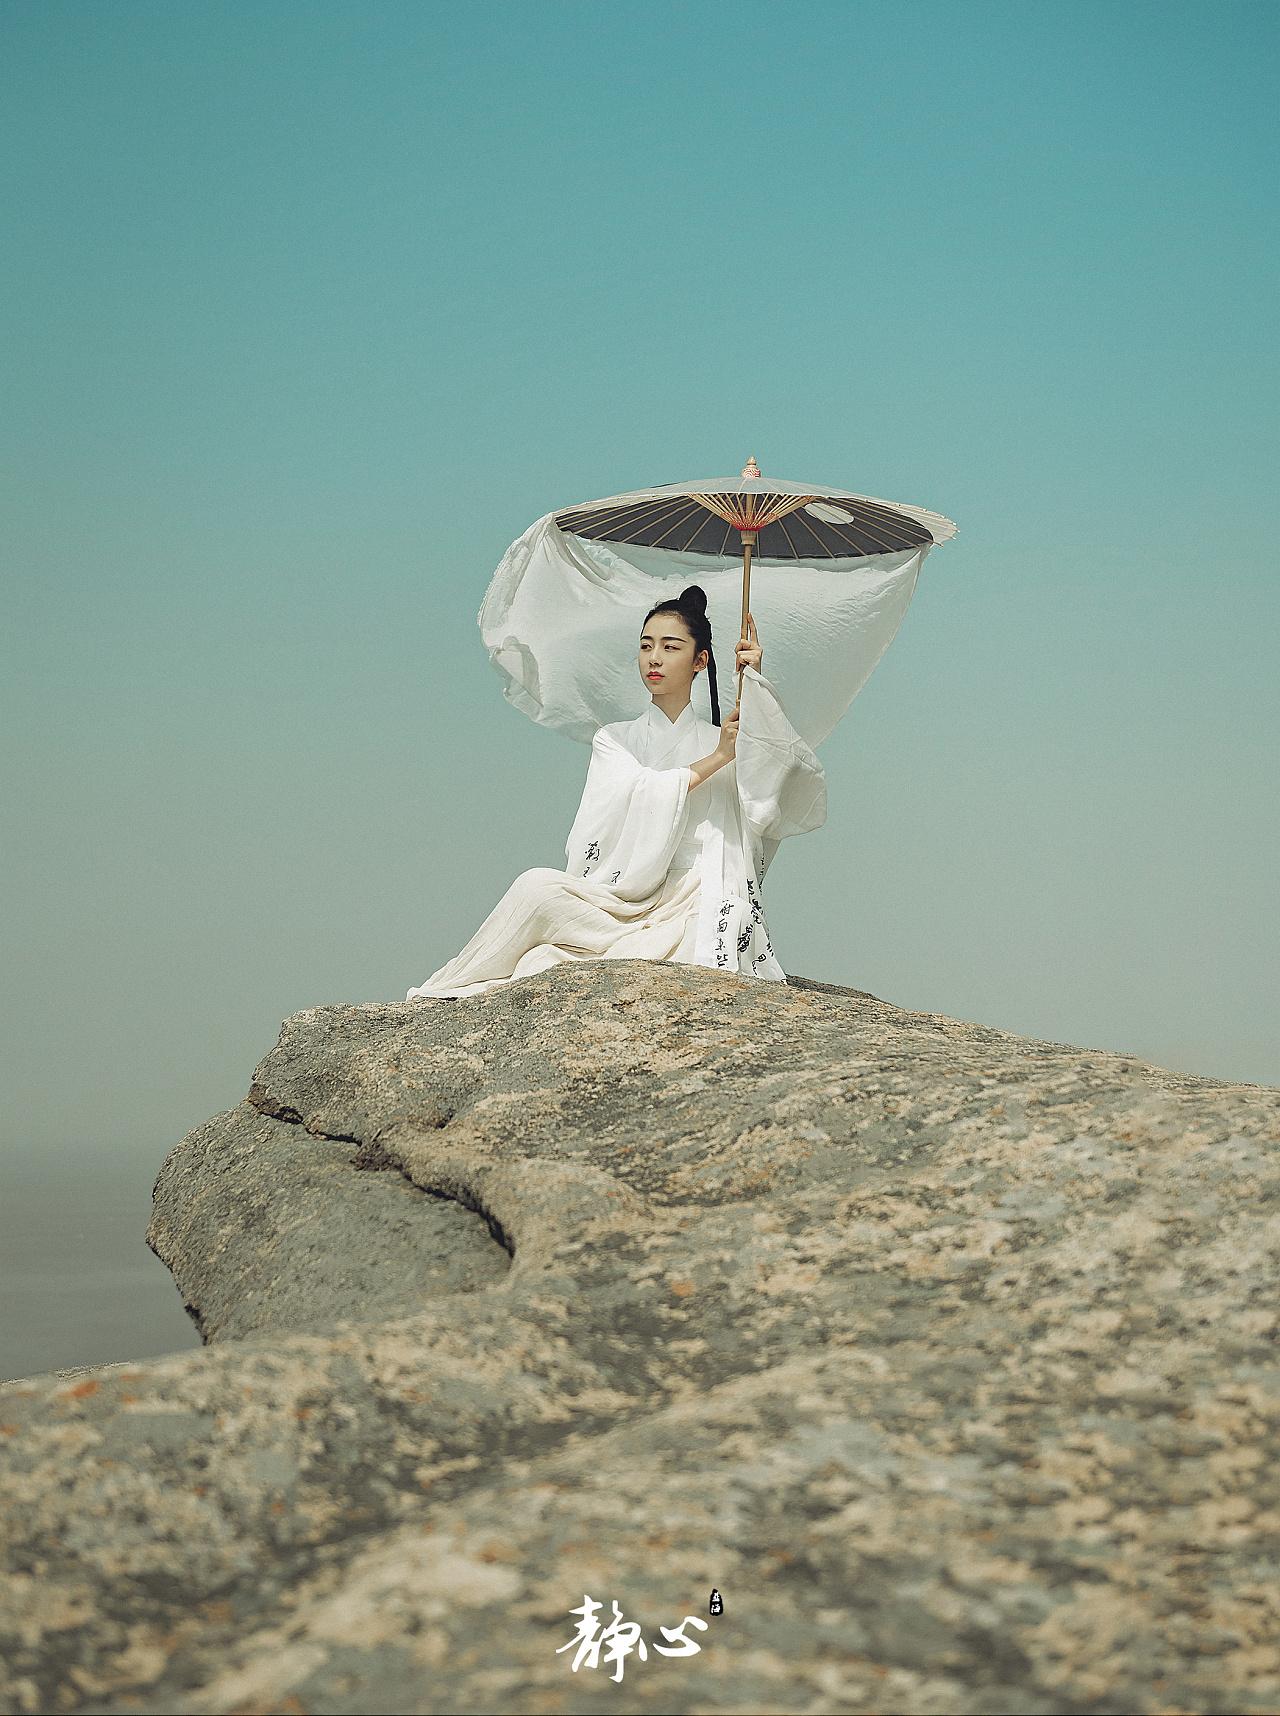 人像摄影网_【静心】|摄影|人像|蓝海Photo - 原创作品 - 站酷 (ZCOOL)